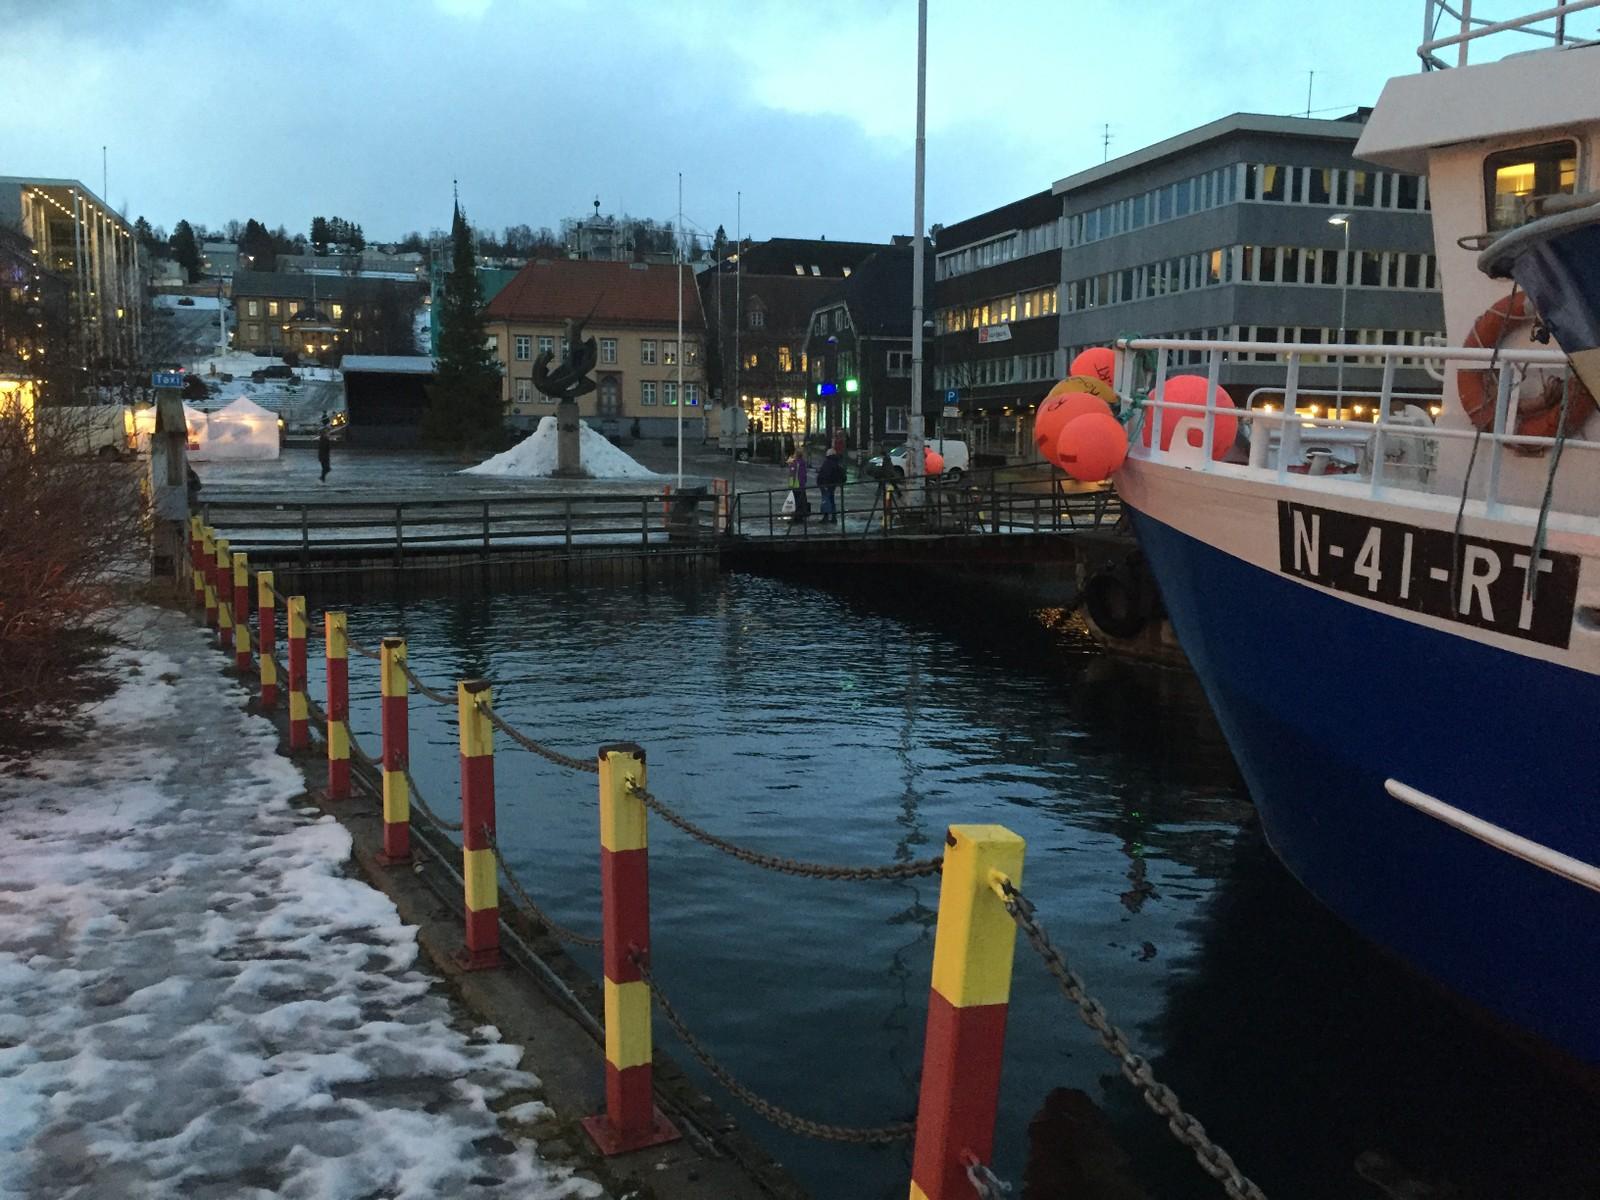 Springflo i Tromsø sentrum 27. november 2015.